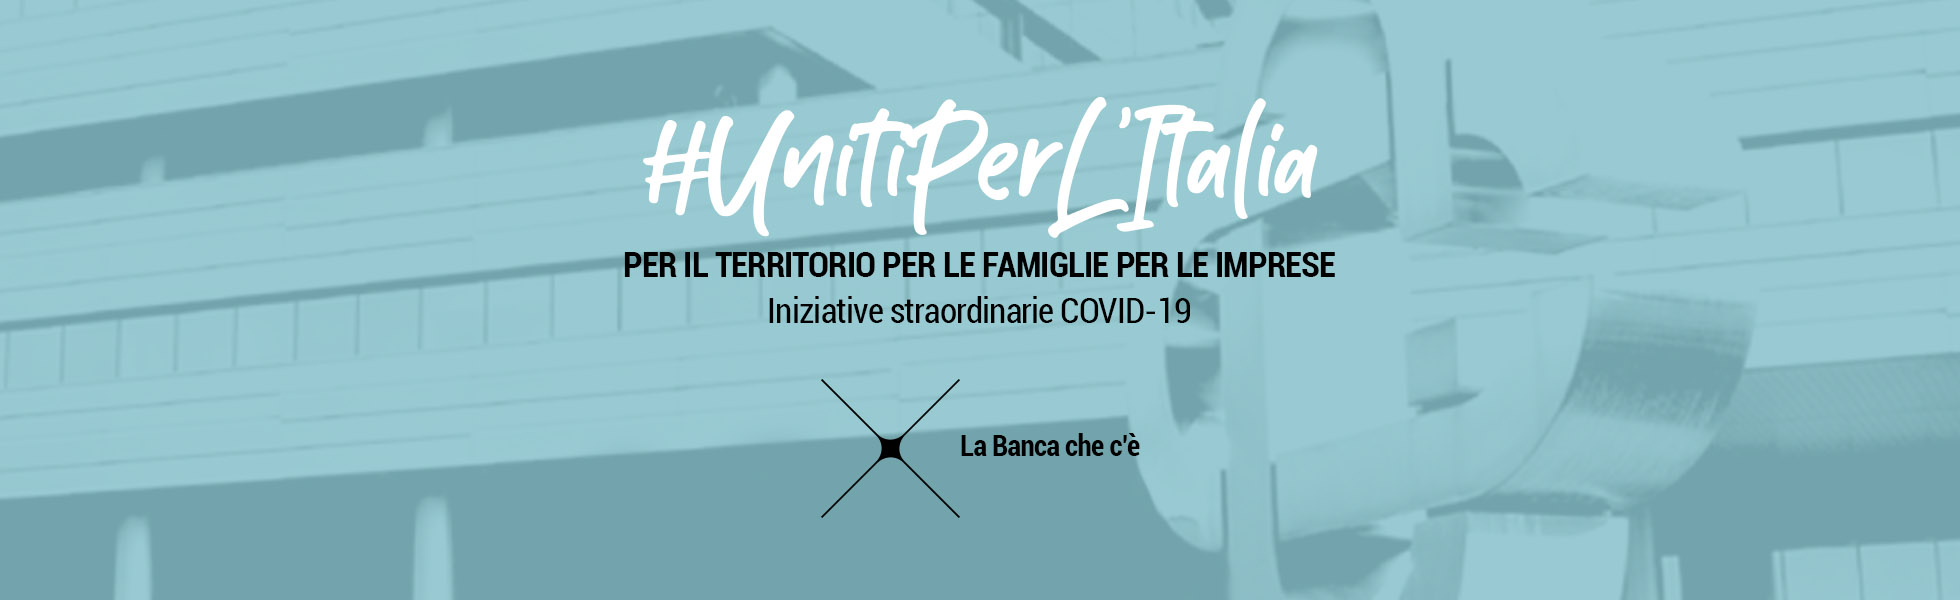 Uniti per l'italia